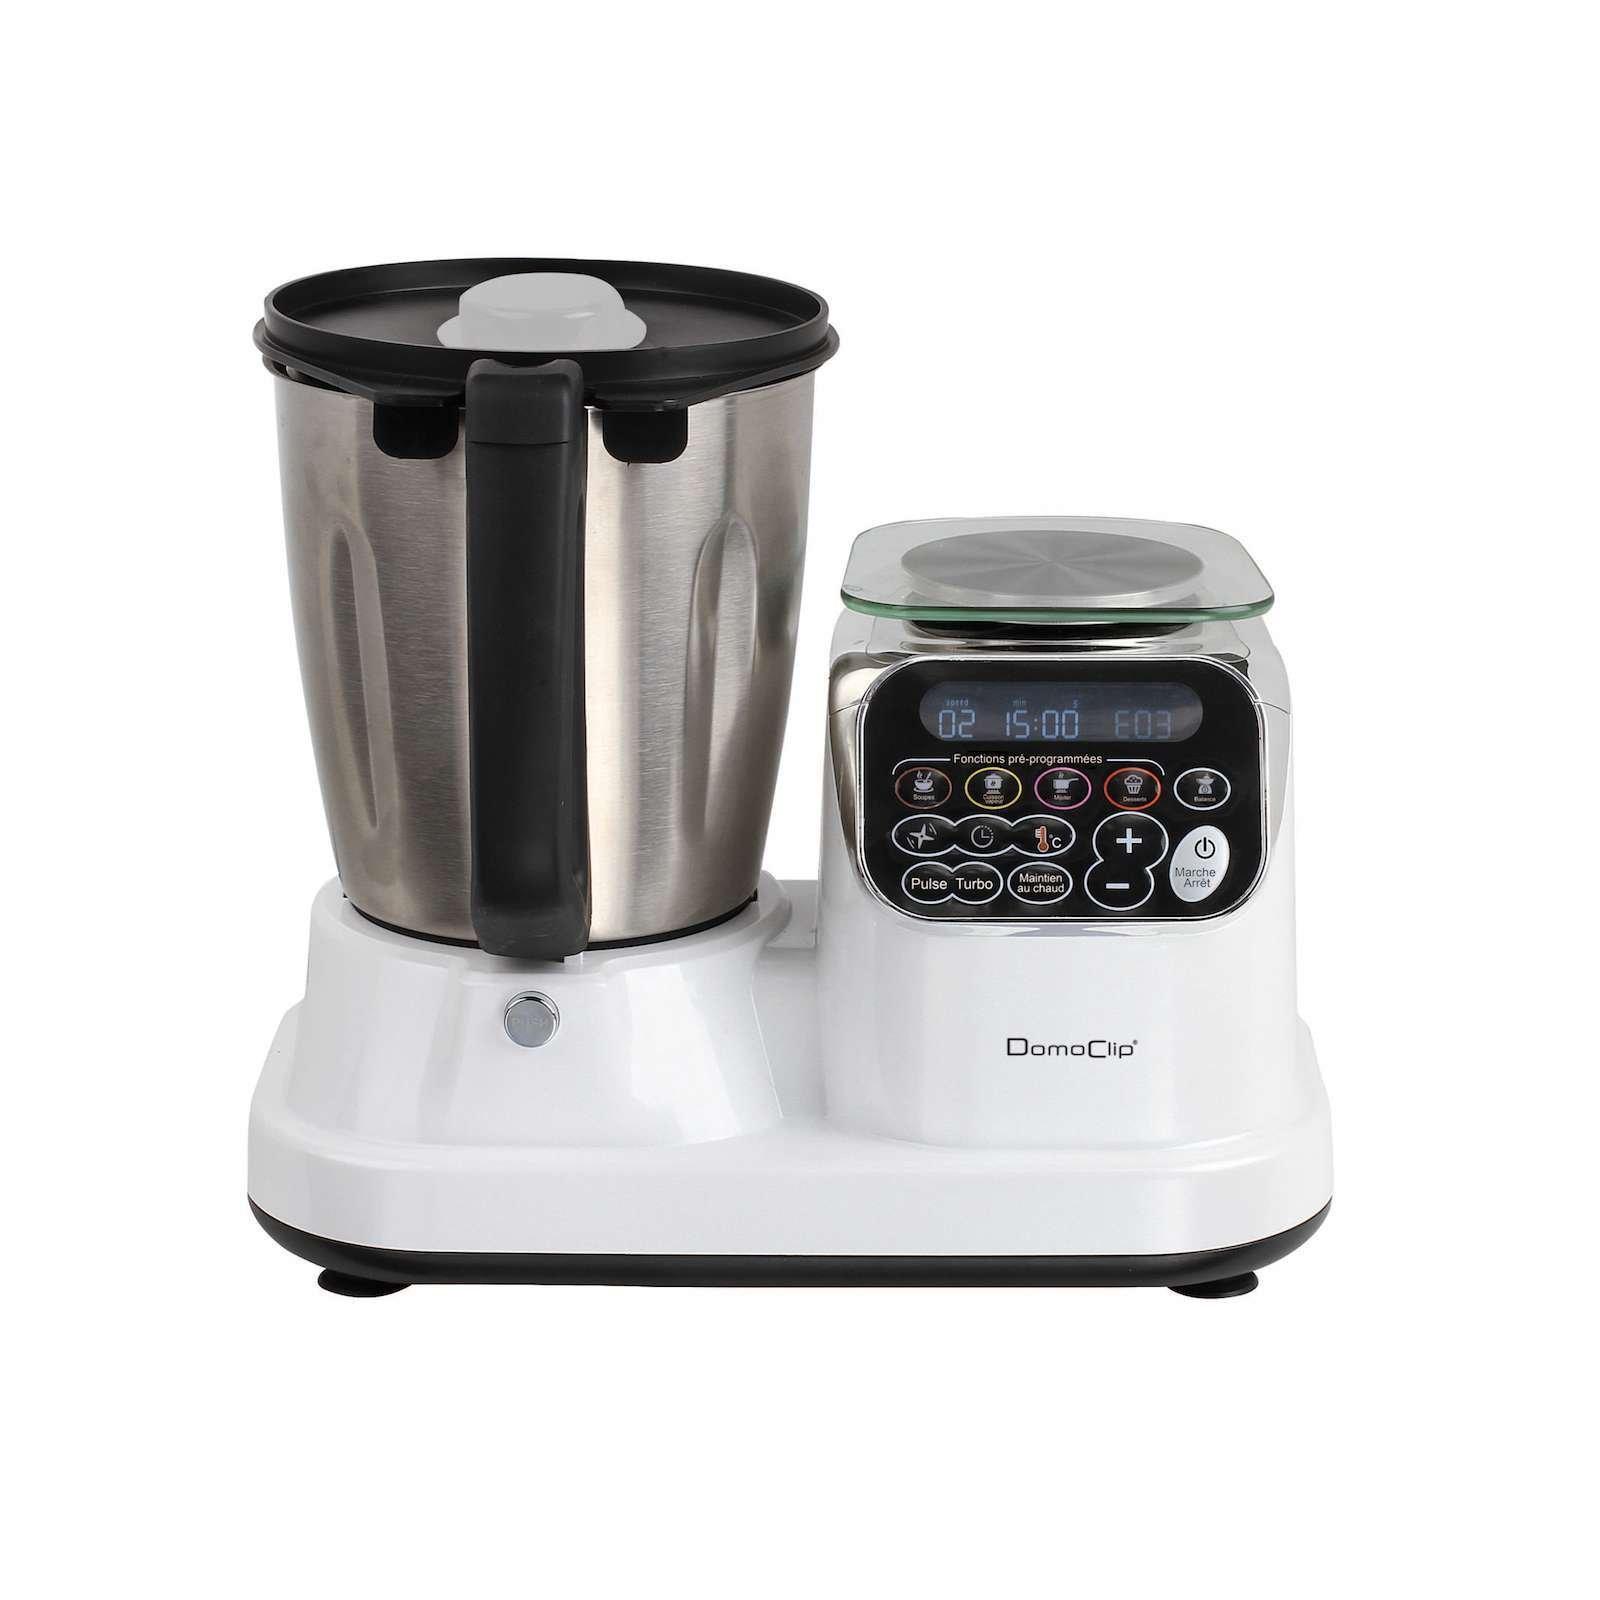 Robot de cocina con función de cocción fuerte 1200 W Báscula de cocina Hojas de acero inoxidable temporizador Fácil de usar (Cuenco de acero inoxidable 2,5 litros, – Amasadora, amasadora, función turbo,